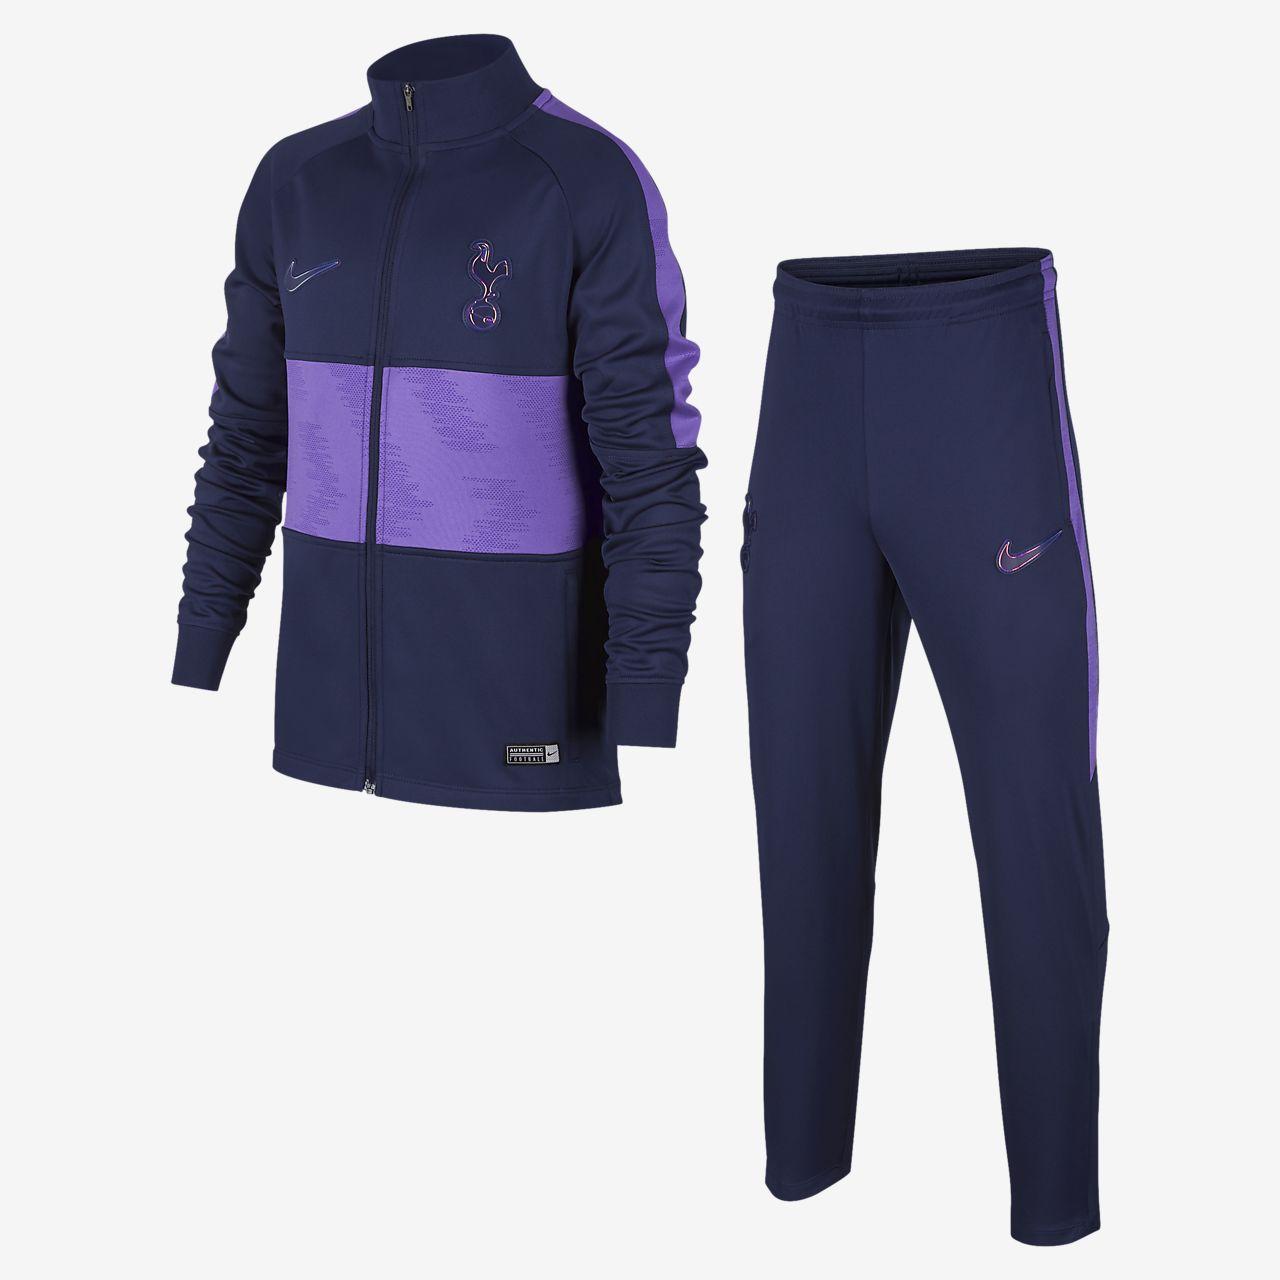 Pour Football Âgé De Dri Plus Enfant Tottenham Hotspur Strike Survêtement Fit Nike mwyvOP8N0n